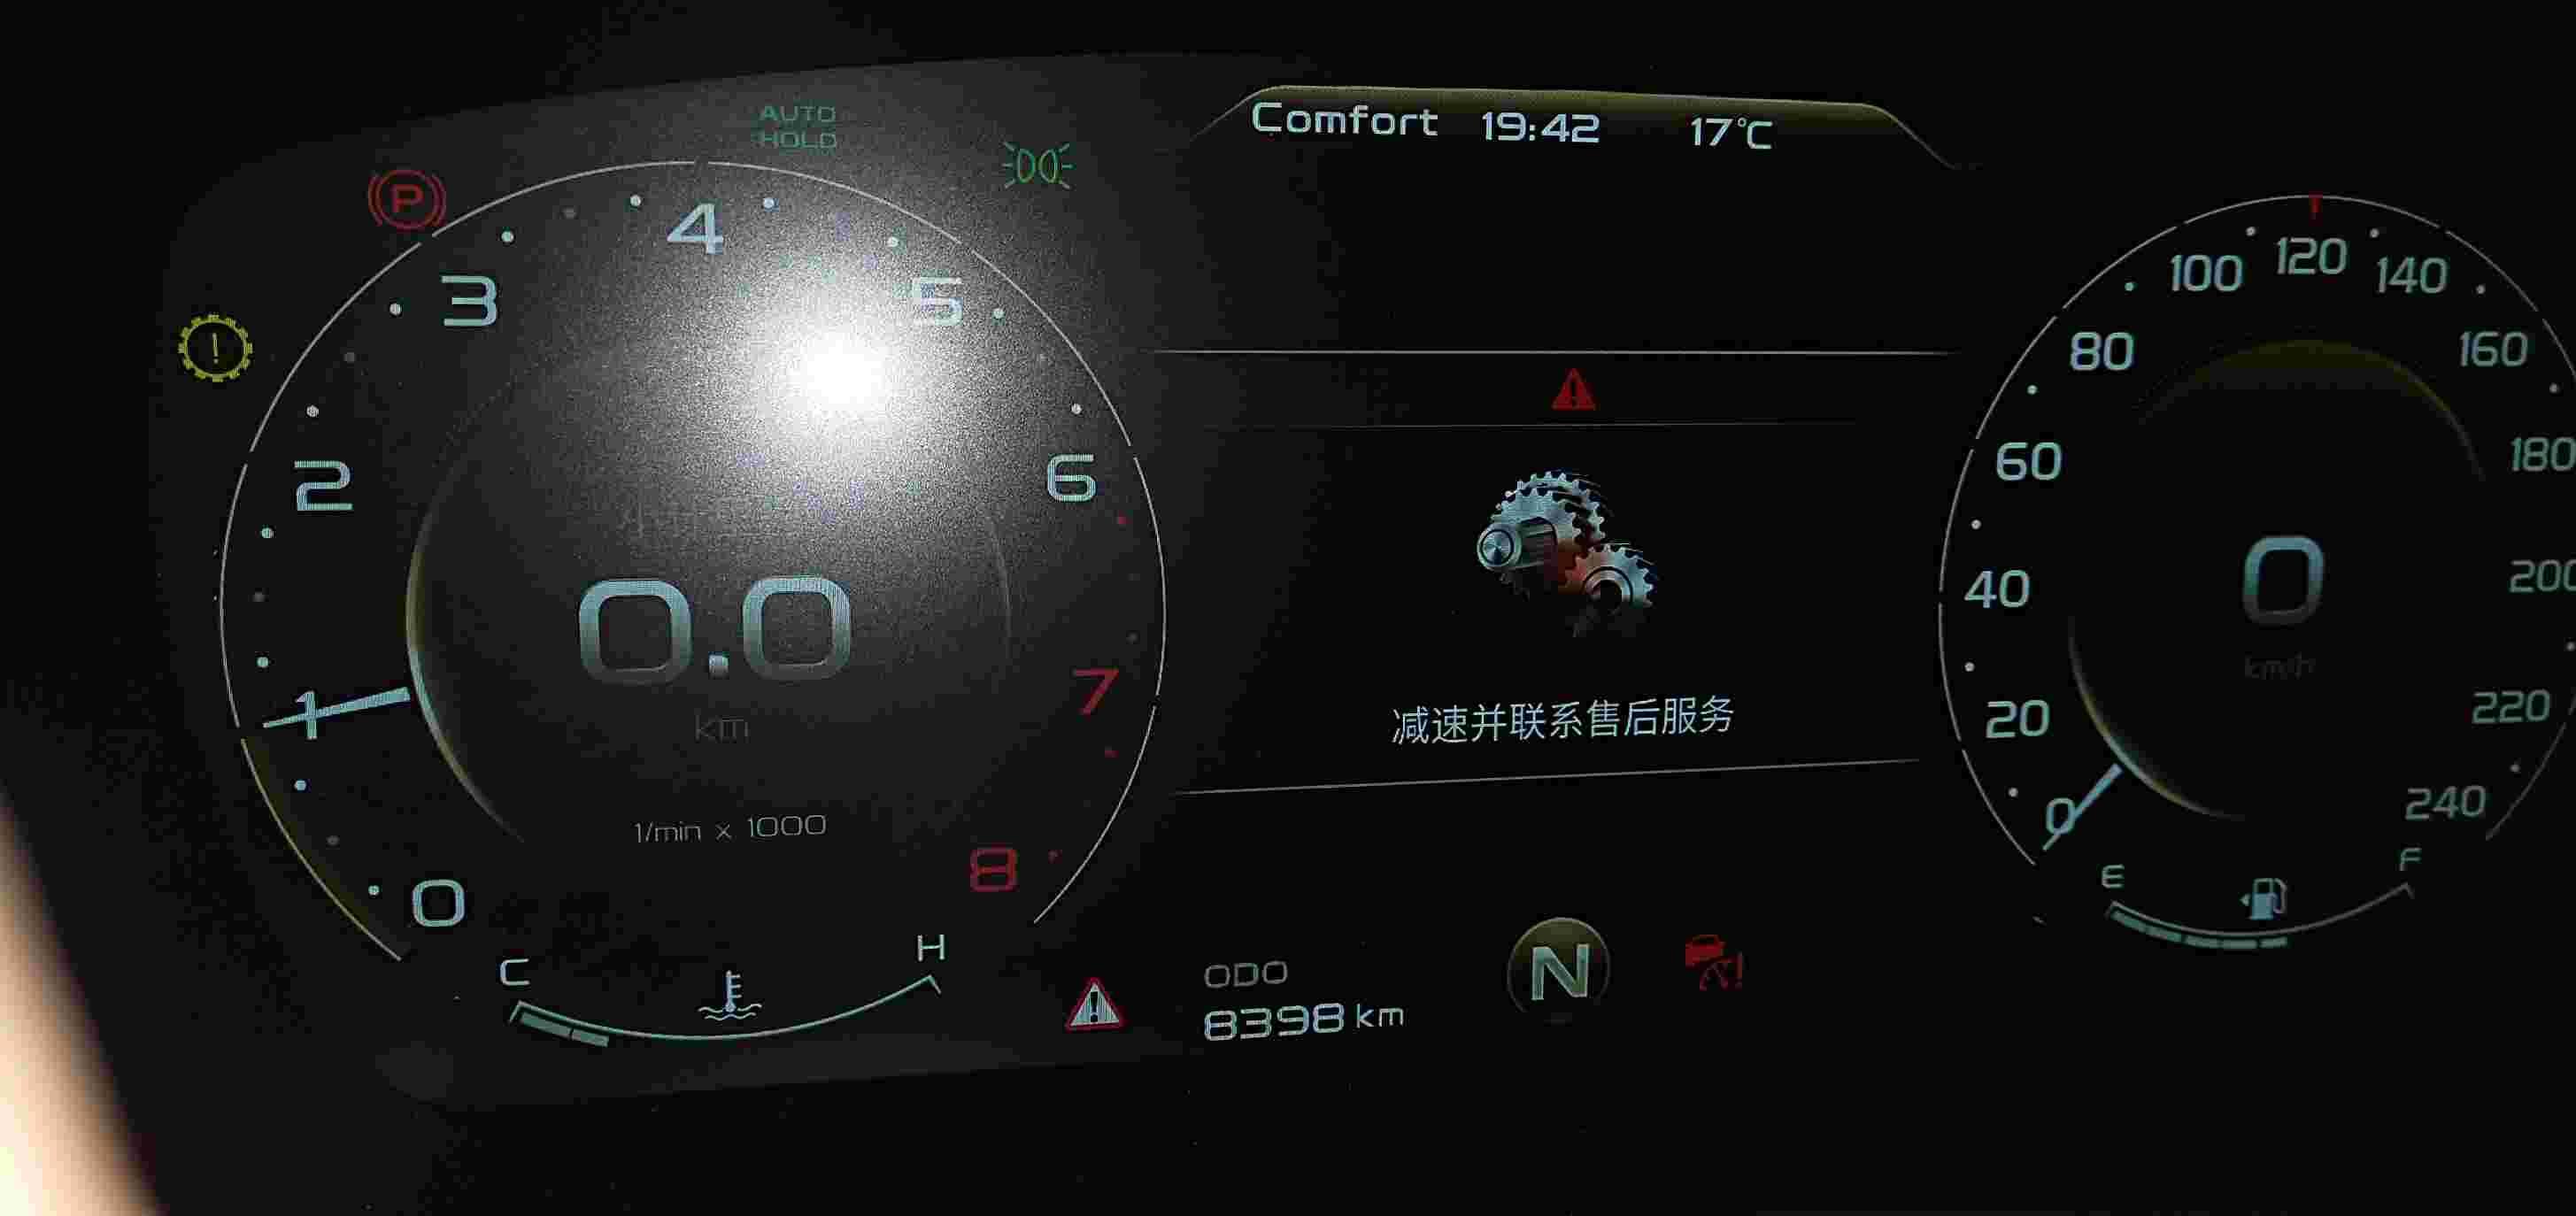 冷车起步变速箱异响,电瓶亏电,整车没电